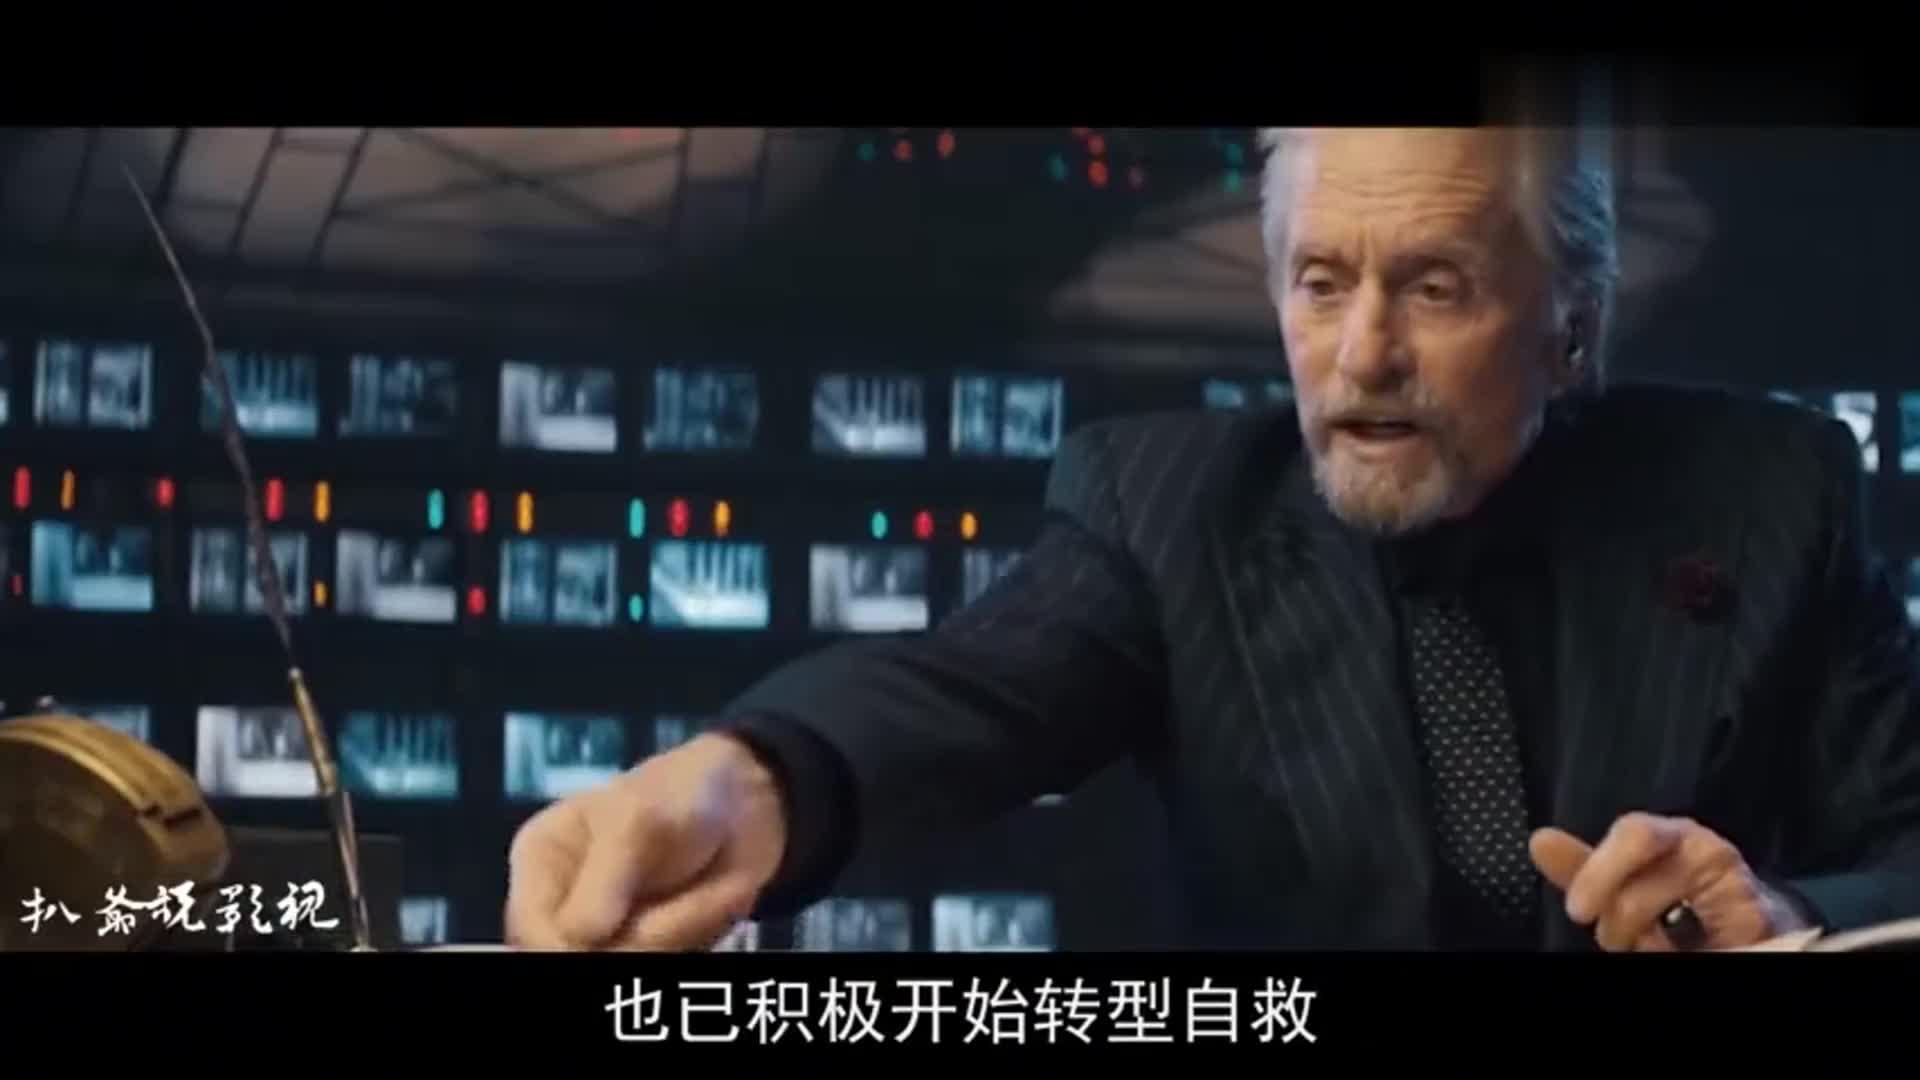 #影视#李易峰《动物世界》吸引了好莱坞,成该奖项提名的第一部中国电影